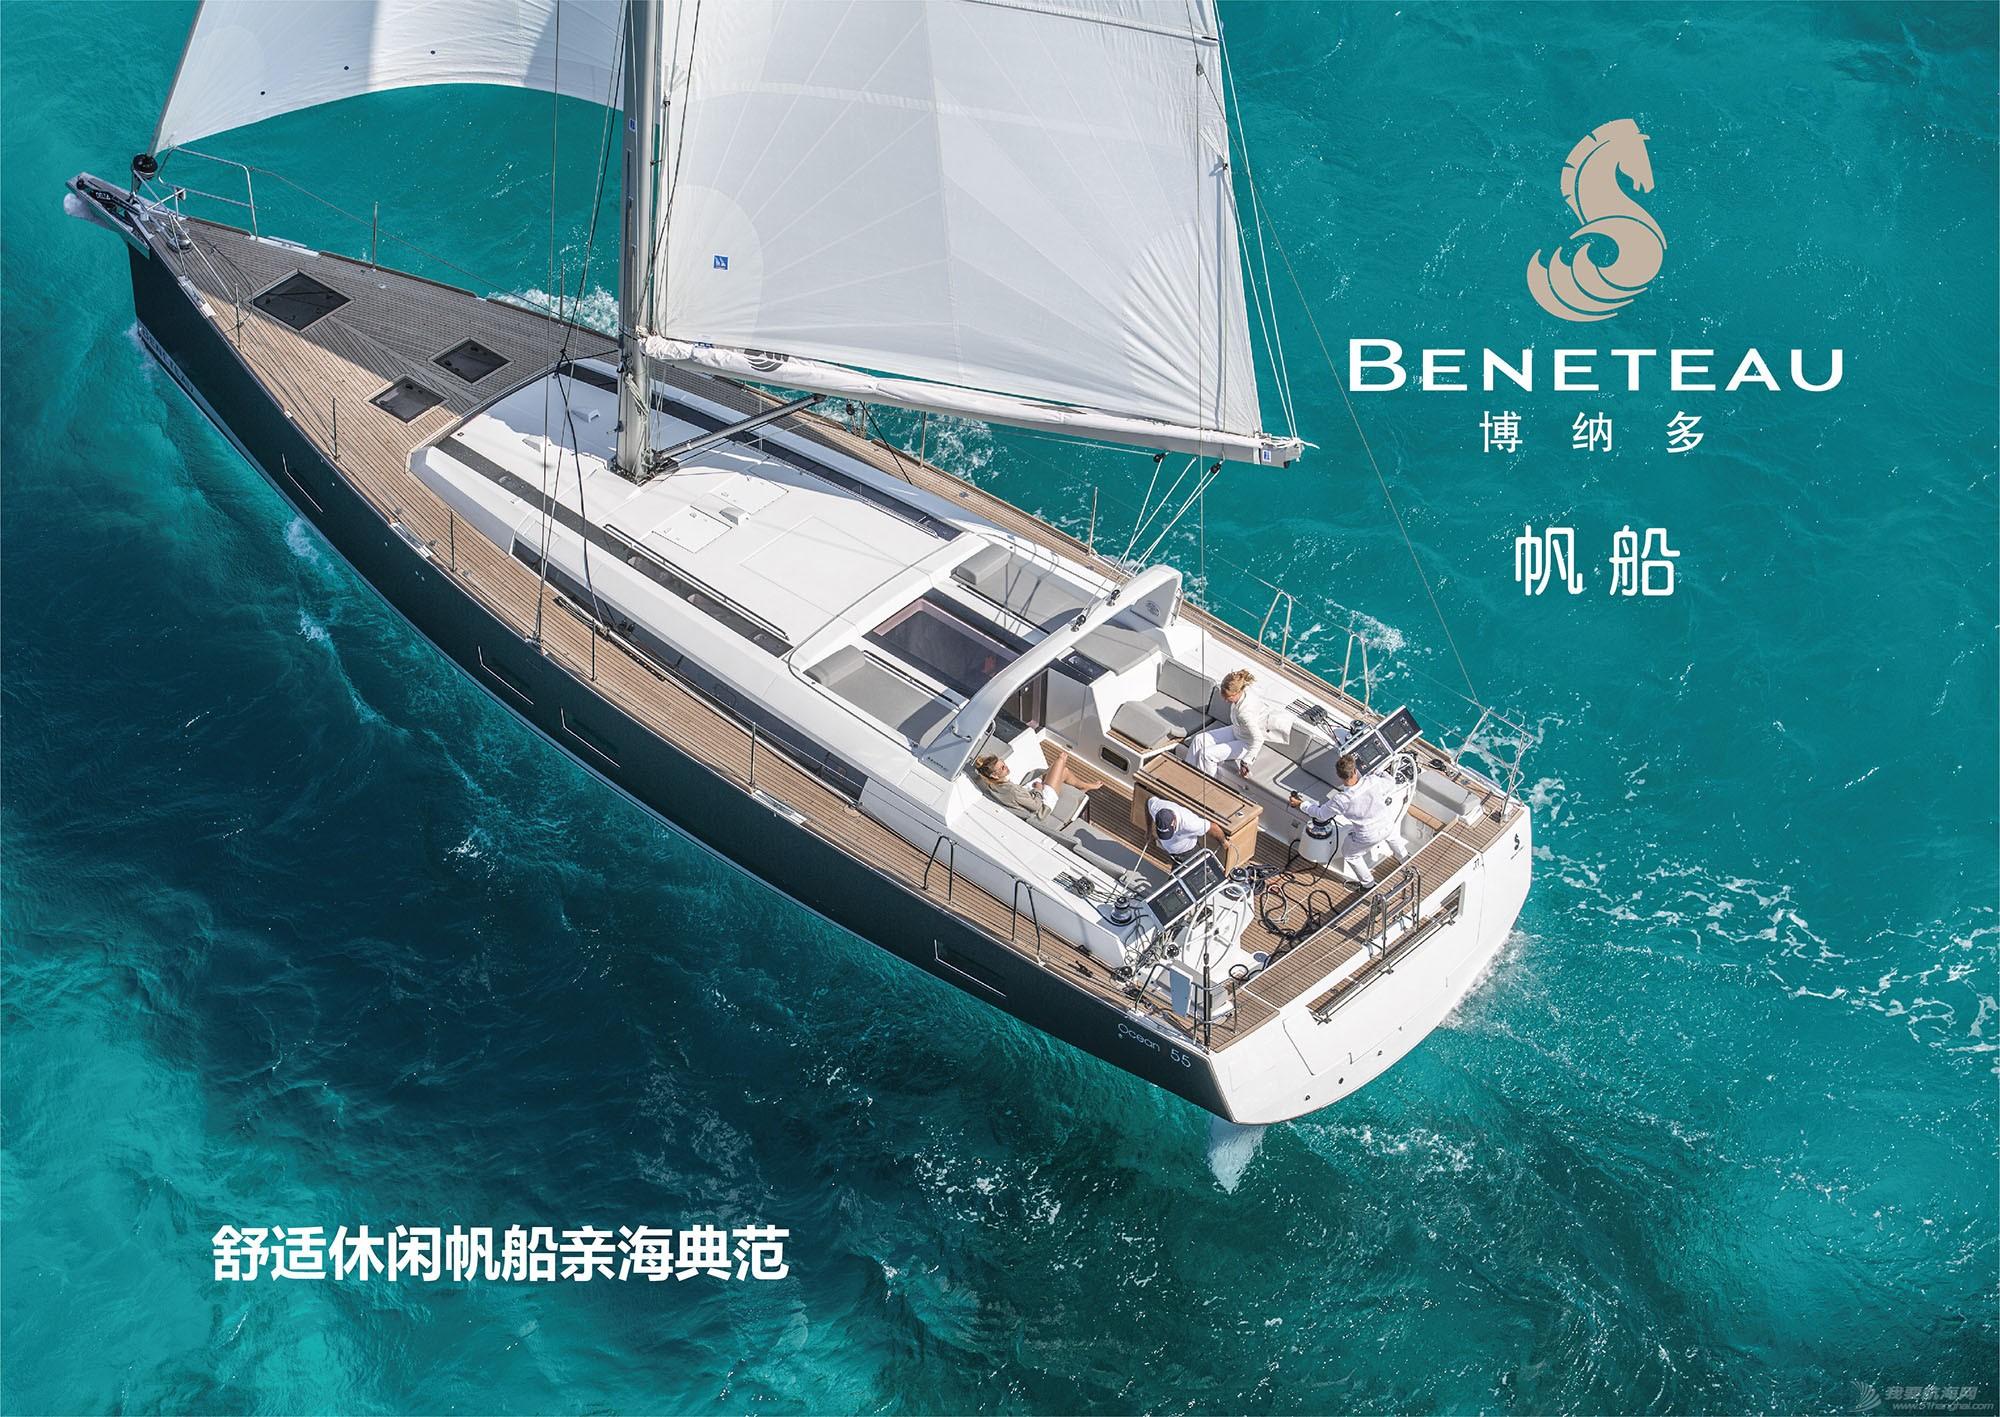 生活方式,大海;博纳多,蓝高,帆船航海; 选择海上生活方式——保留茫茫大海中属于你的一隅 1608-stickers-02.jpg